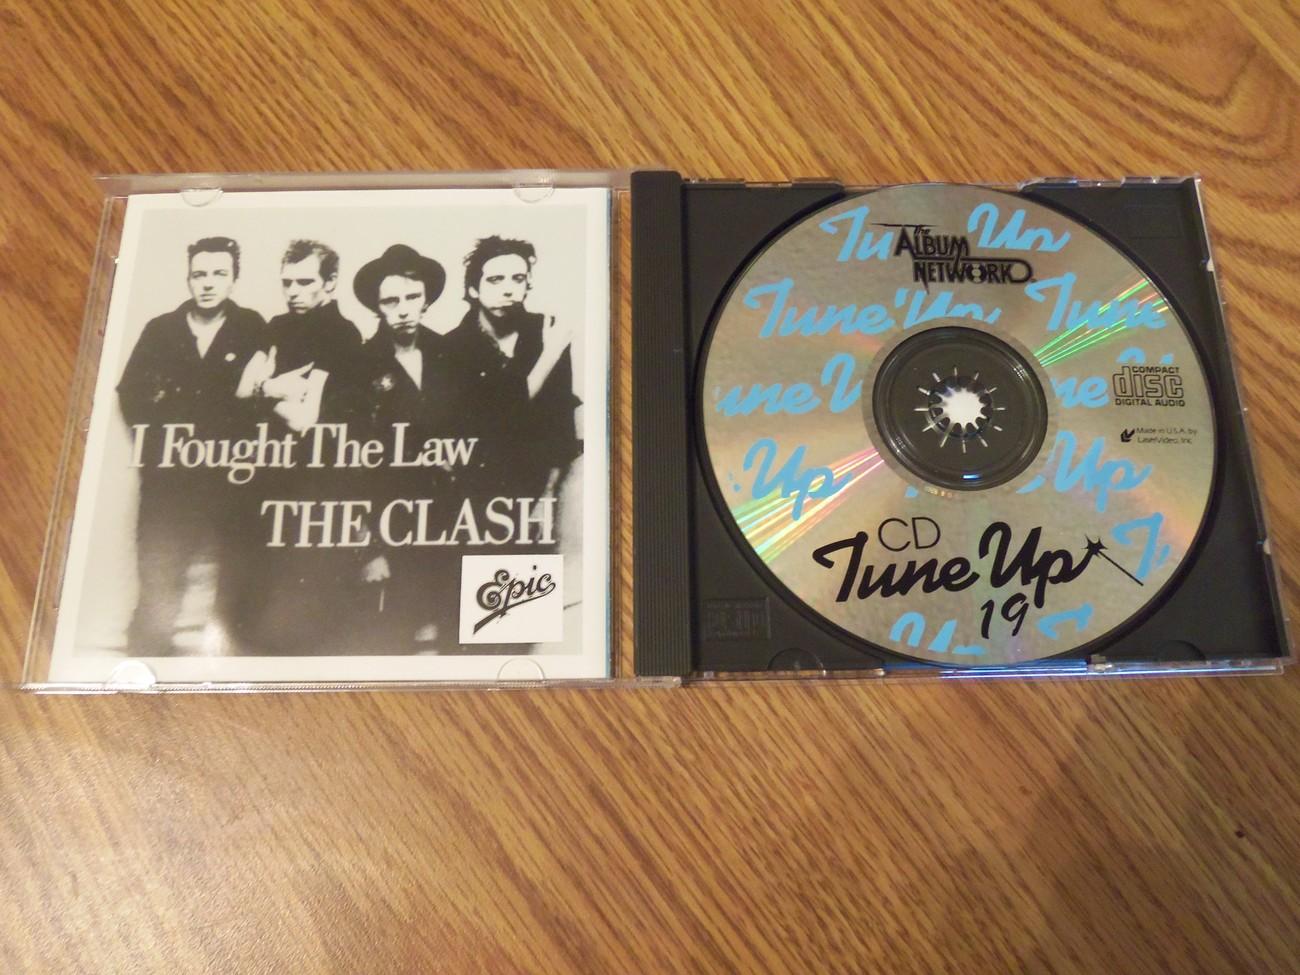 The Album Network Cd Tune Up #19 Promo 1988 Cd Iggy Pop Clash Del Lords More